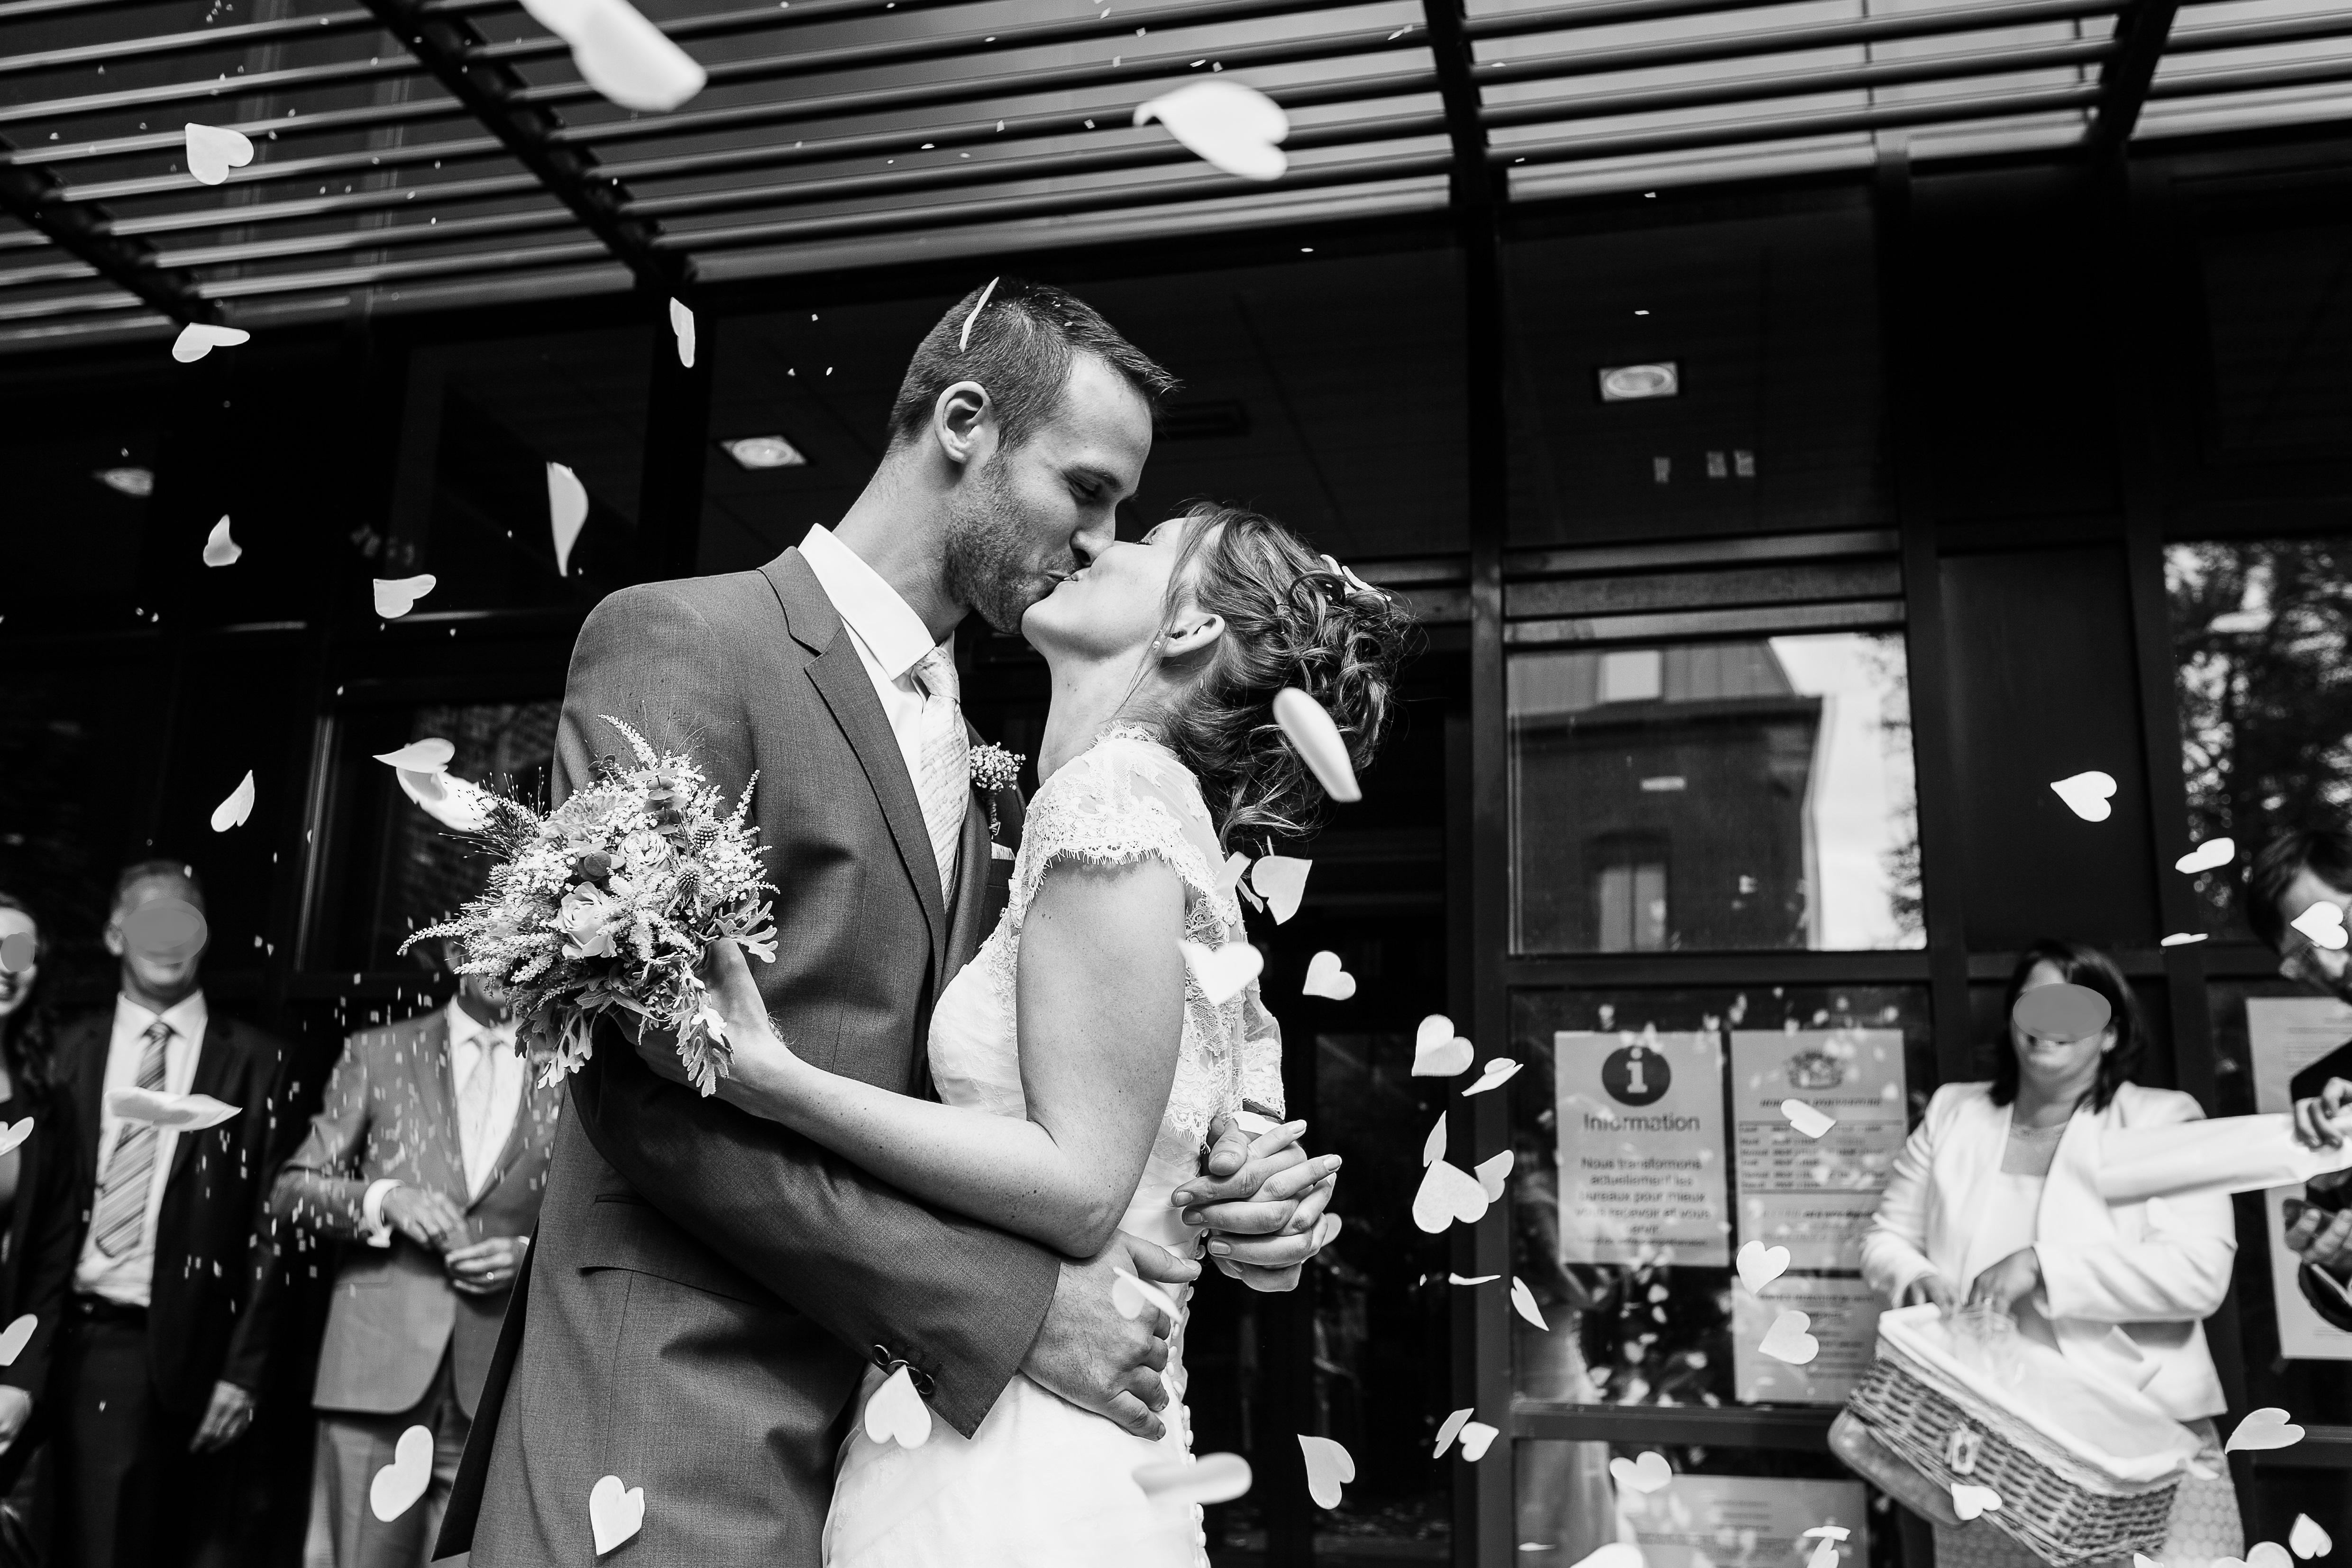 Mon mariage plein d'humour et de tendresse : notre joyeuse sortie en tant qu'époux